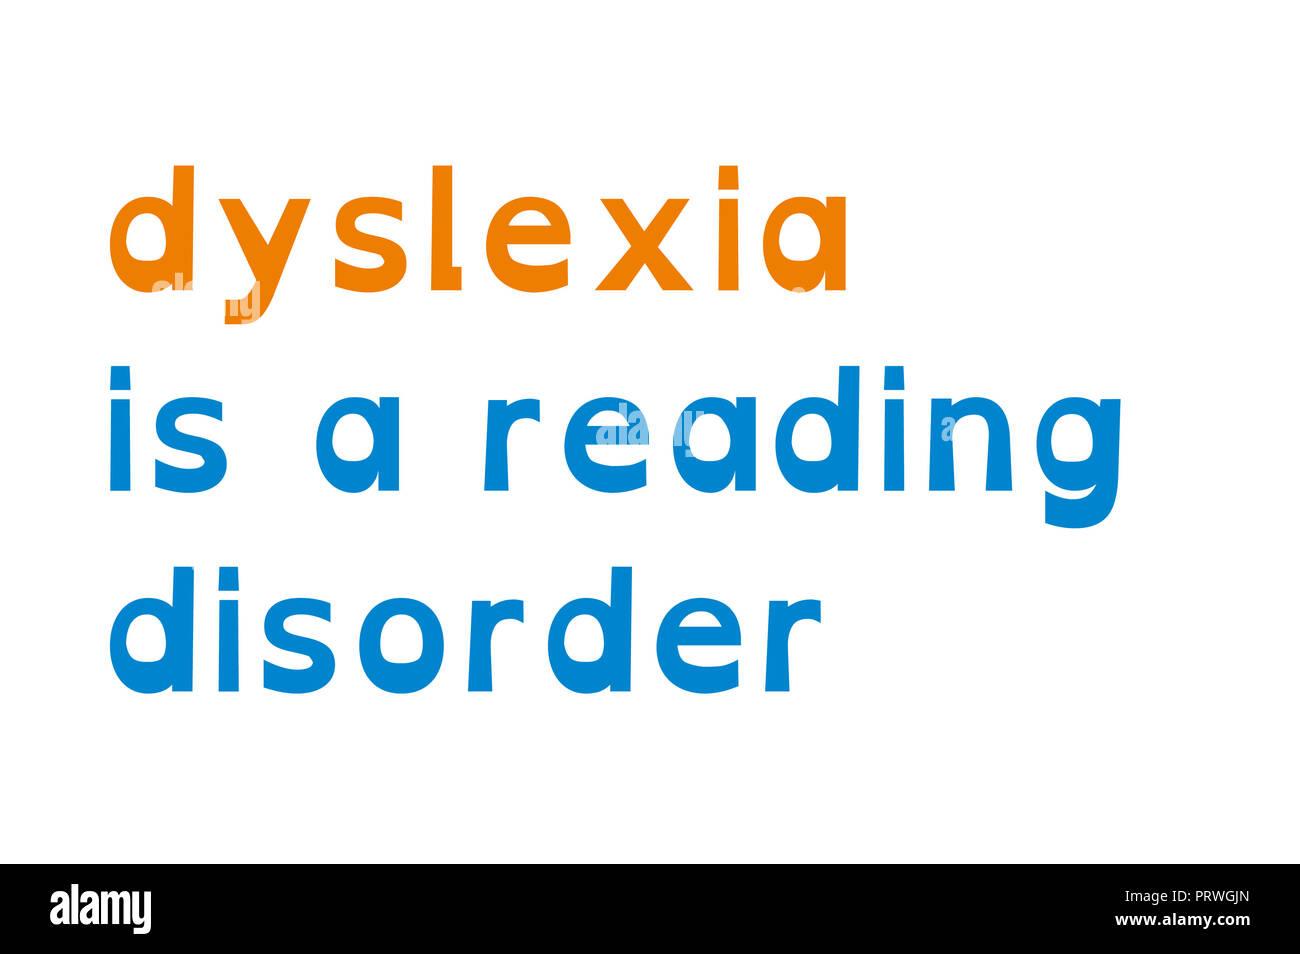 dyslexia, reading disorder concept - Stock Image